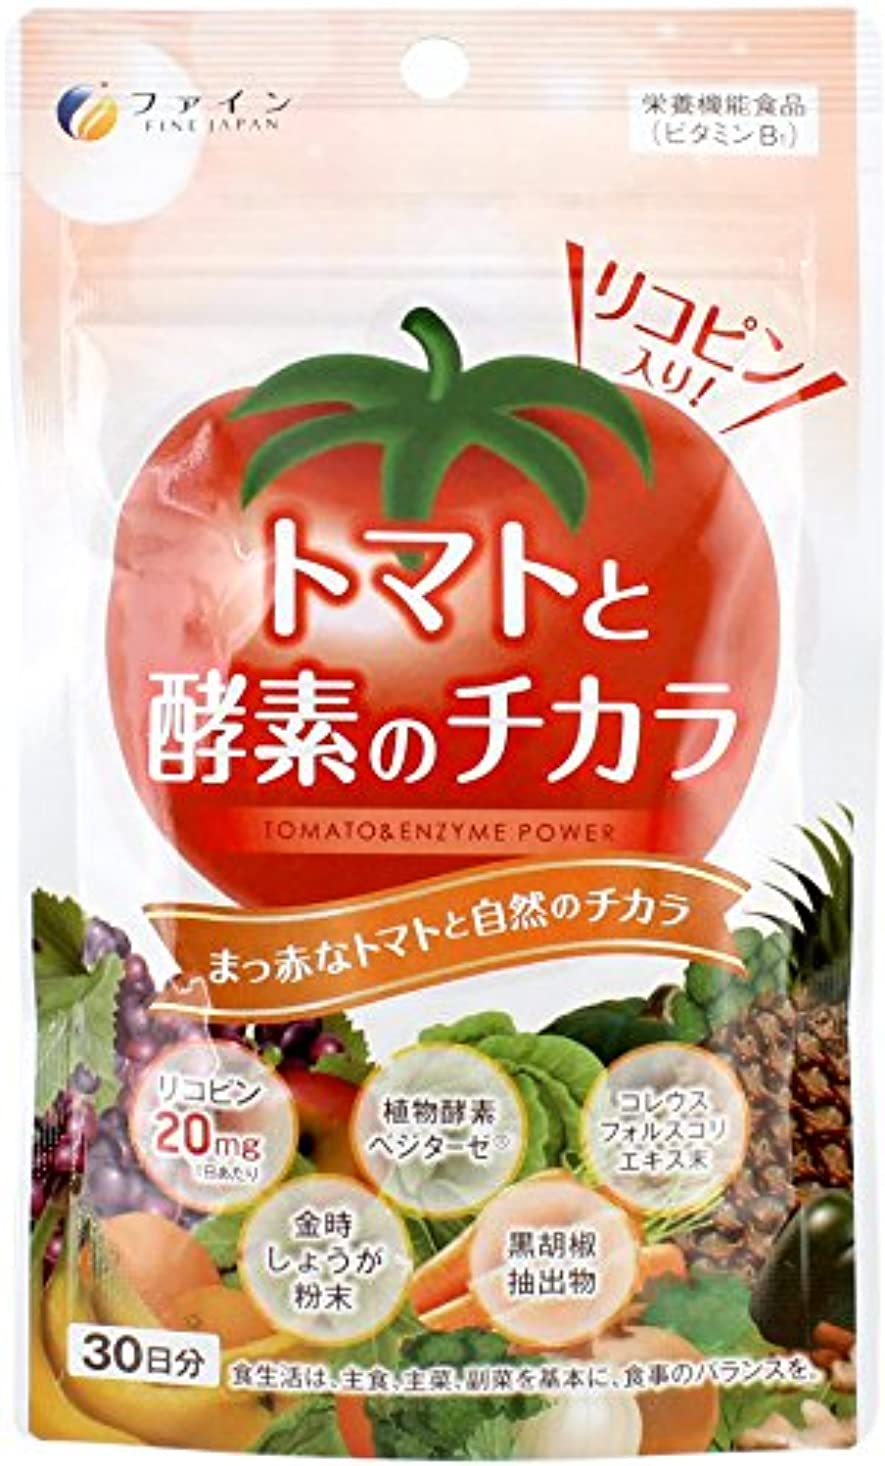 口径年金受給者楽しませるファイン トマトと酵素のチカラ 30日分(1日3粒/90粒入)